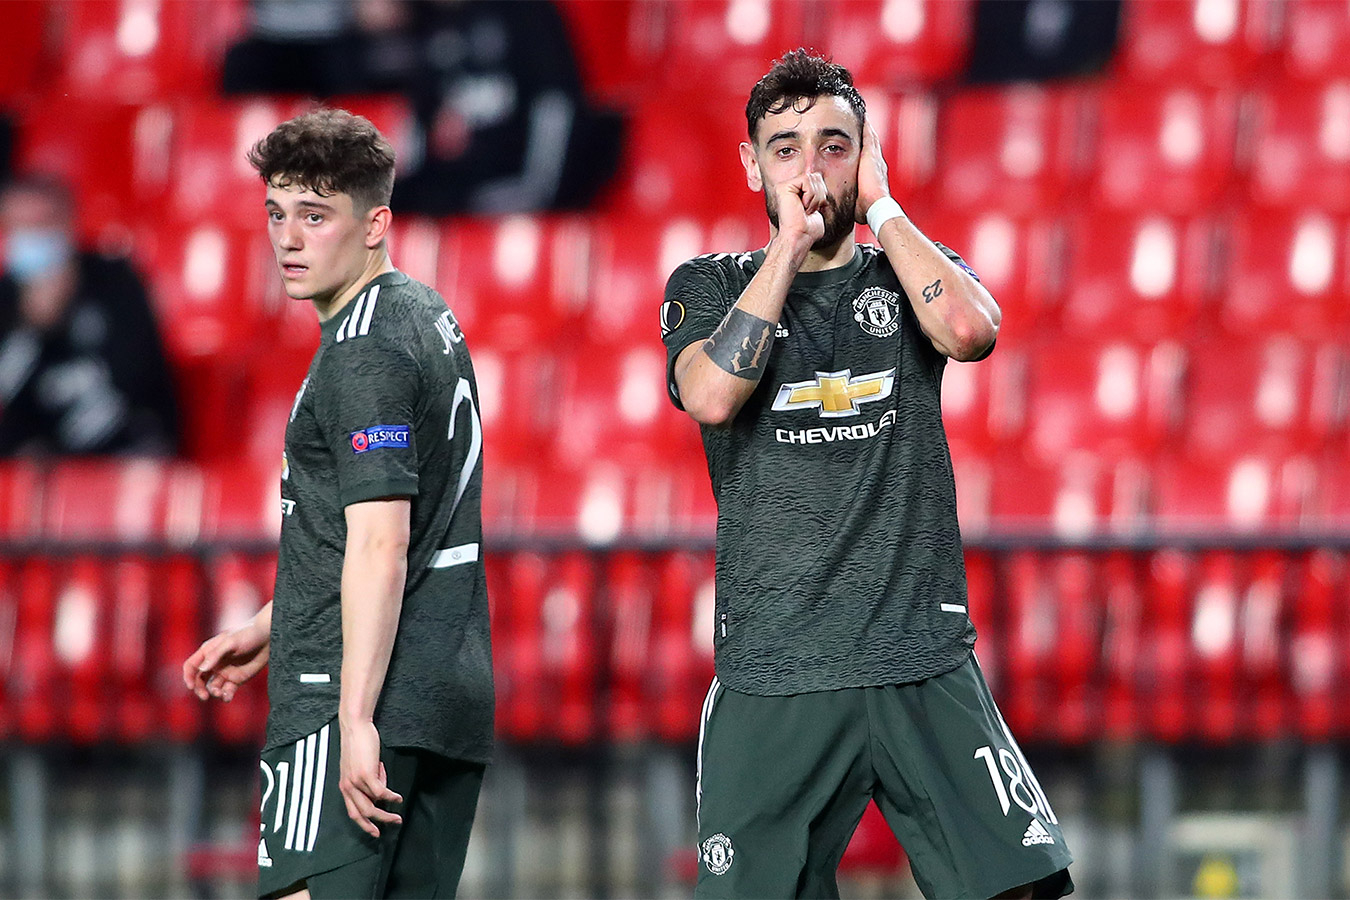 Манчестер Юнайтед обыграл Гранаду в первом матче 1/4 финала ЛЕ